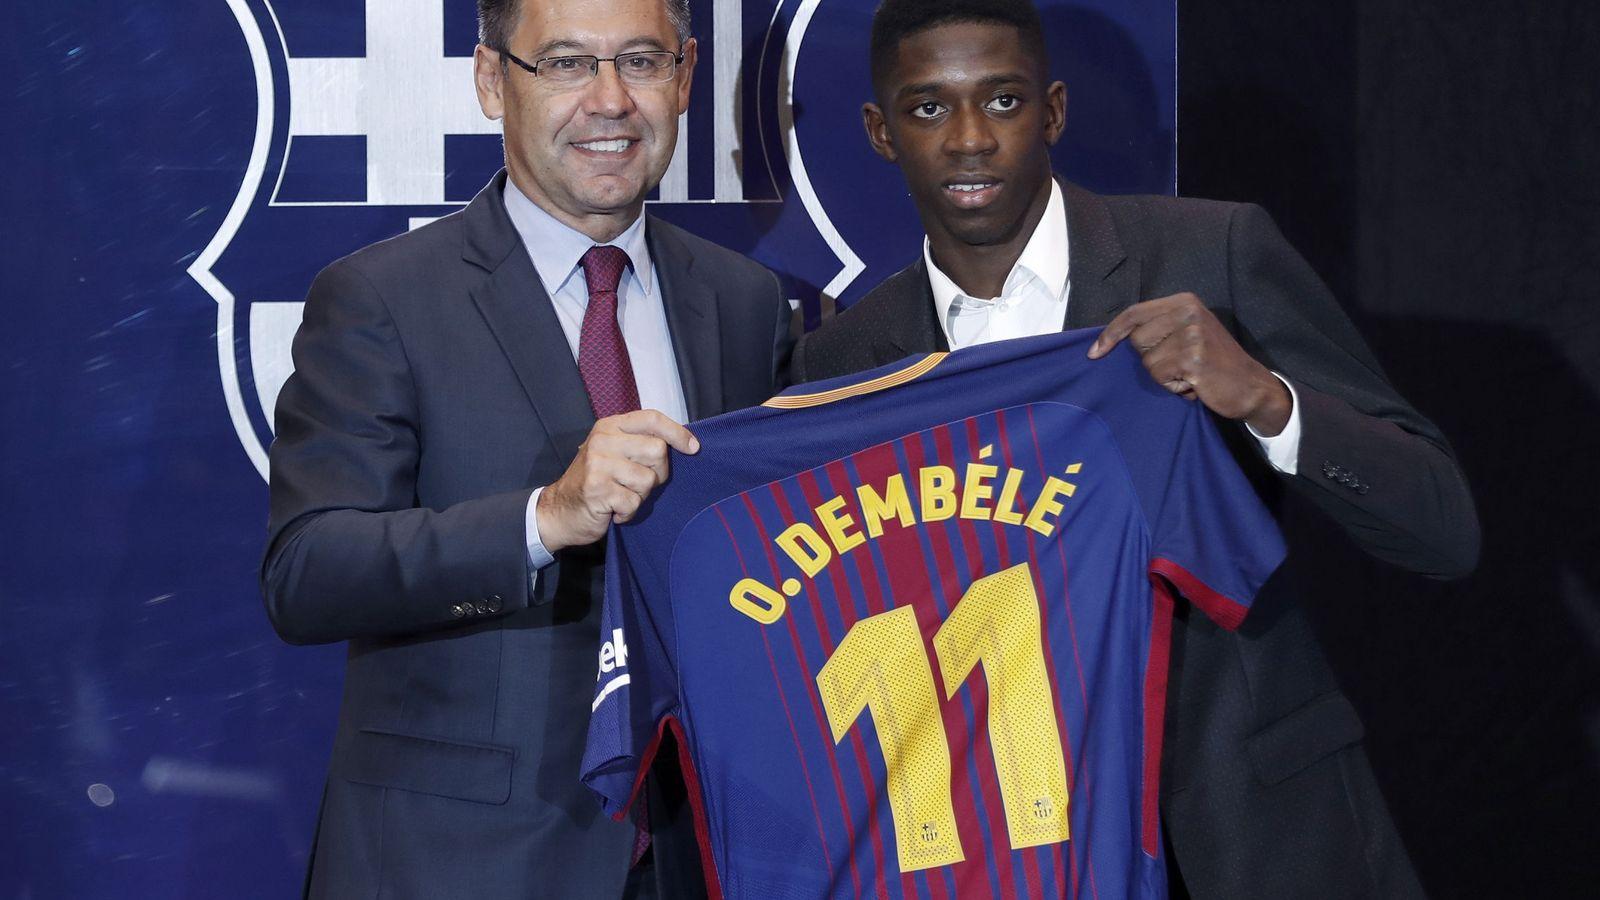 La pulla de Bartomeu a Neymar que le cierra (definitivamente) las puertas del Barcelona